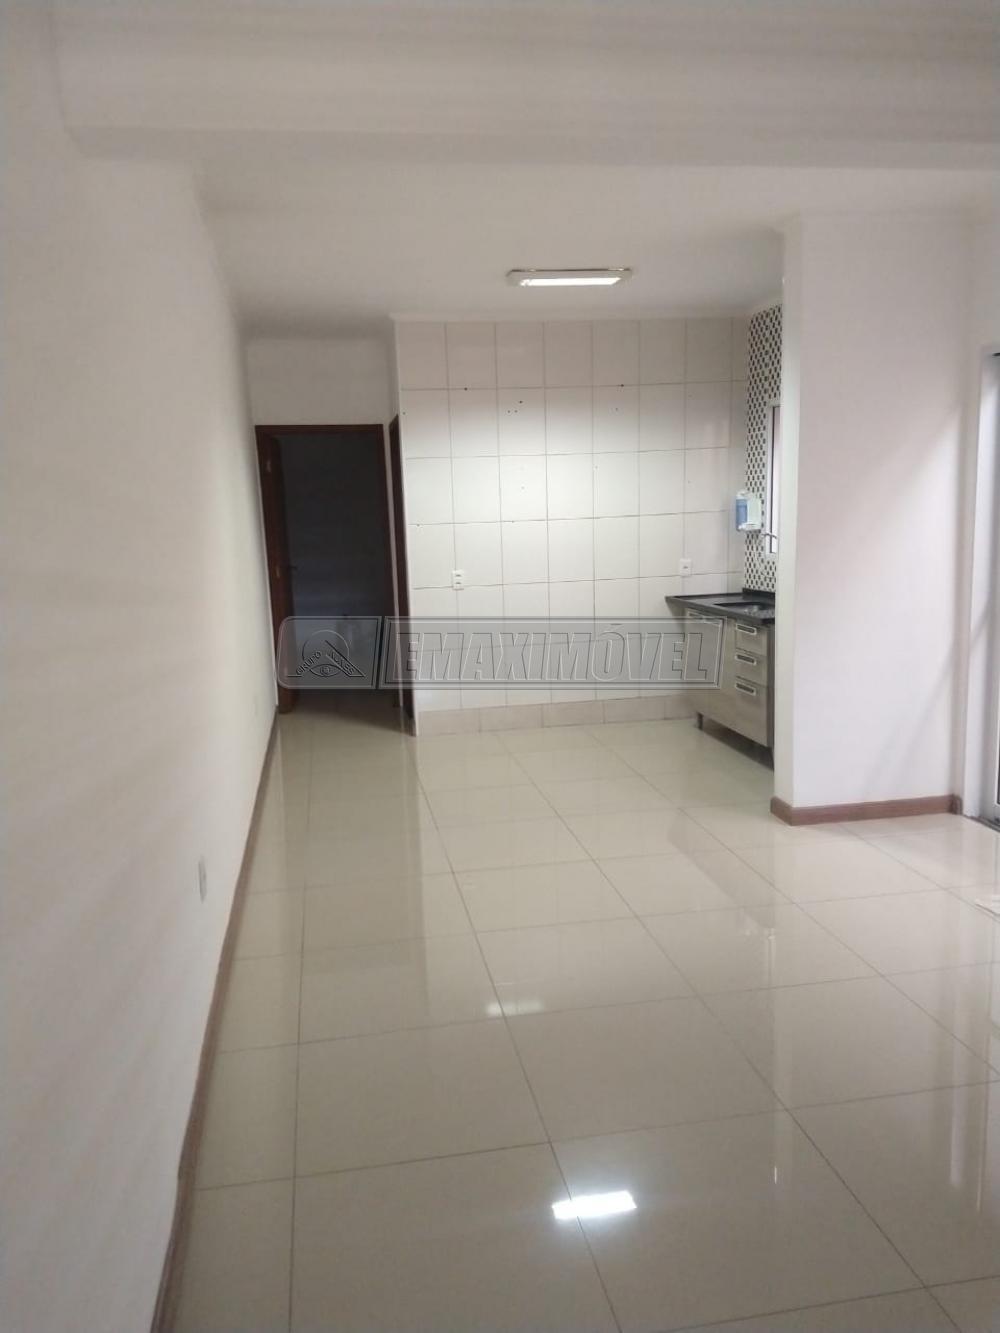 Comprar Casas / em Bairros em Sorocaba apenas R$ 179.500,00 - Foto 3